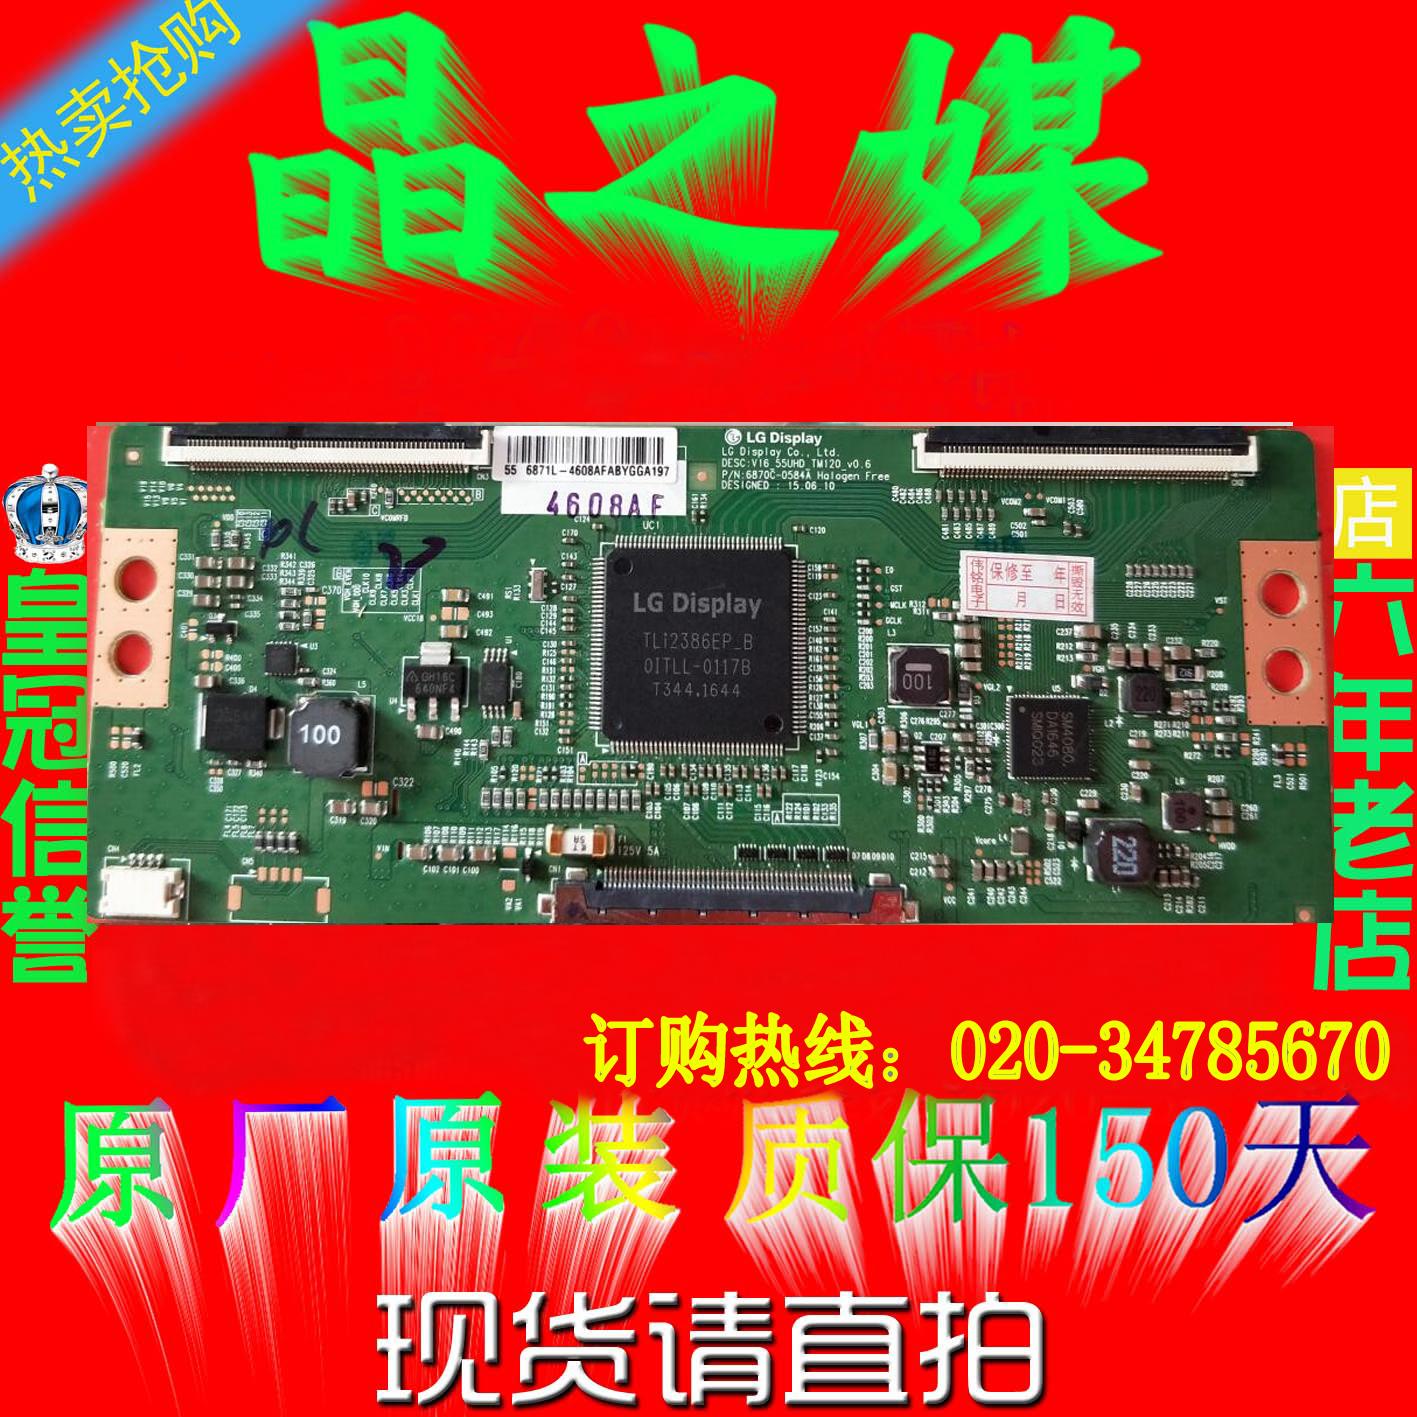 全新原装原装 LG 逻辑板 6870C-0584A 6870C-0584B 43 49 55寸